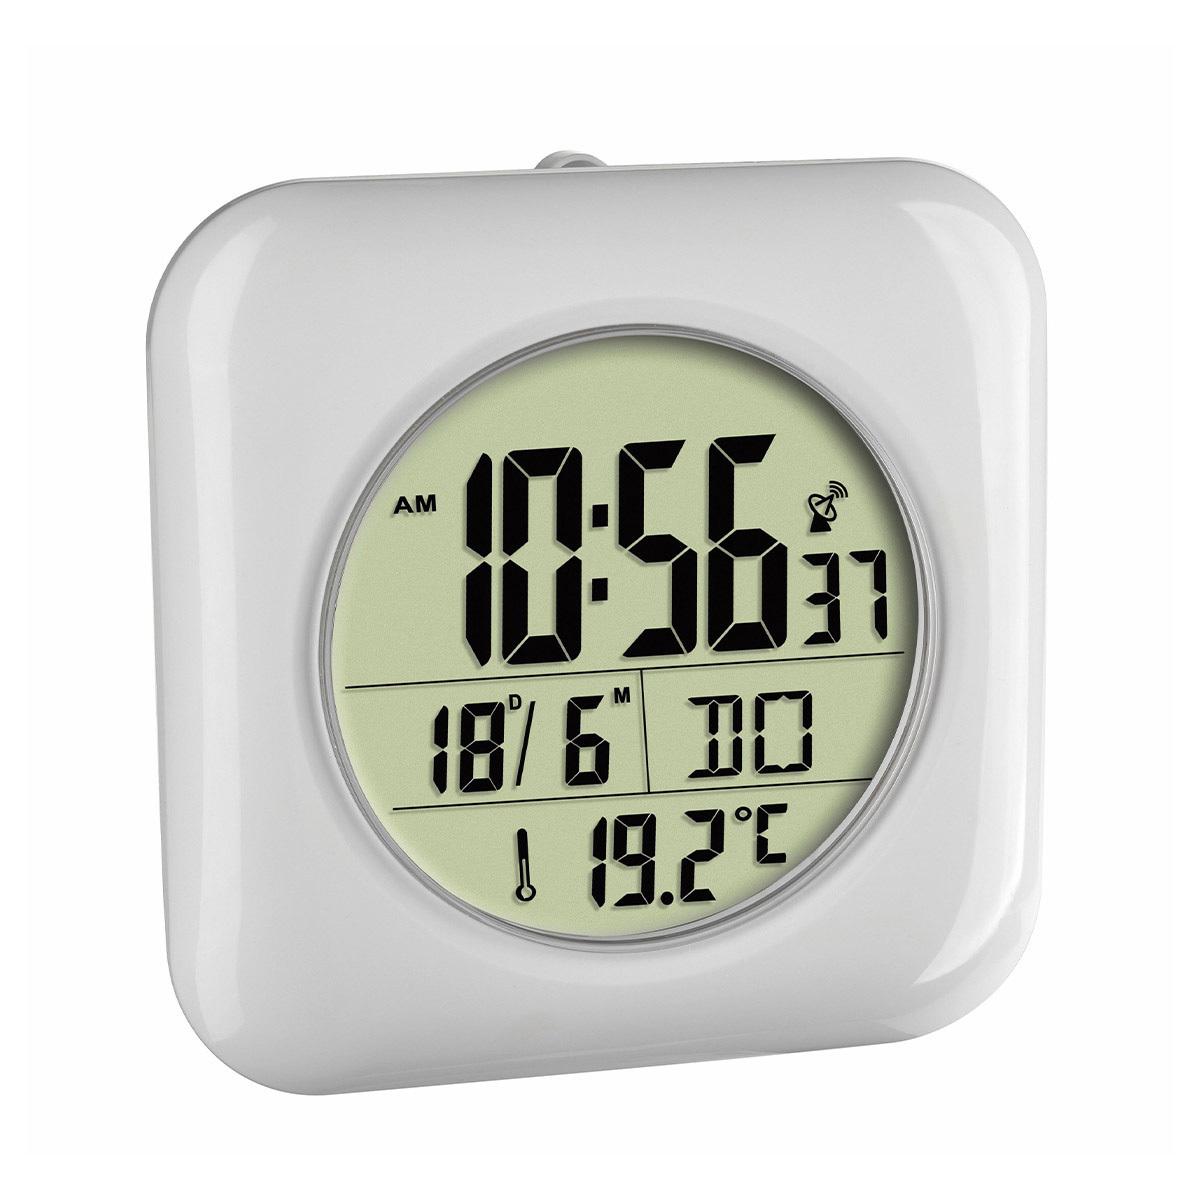 60-4513-02-digitale-funk-badezimmeruhr-mit-temperaturanzeige-1200x1200px.jpg